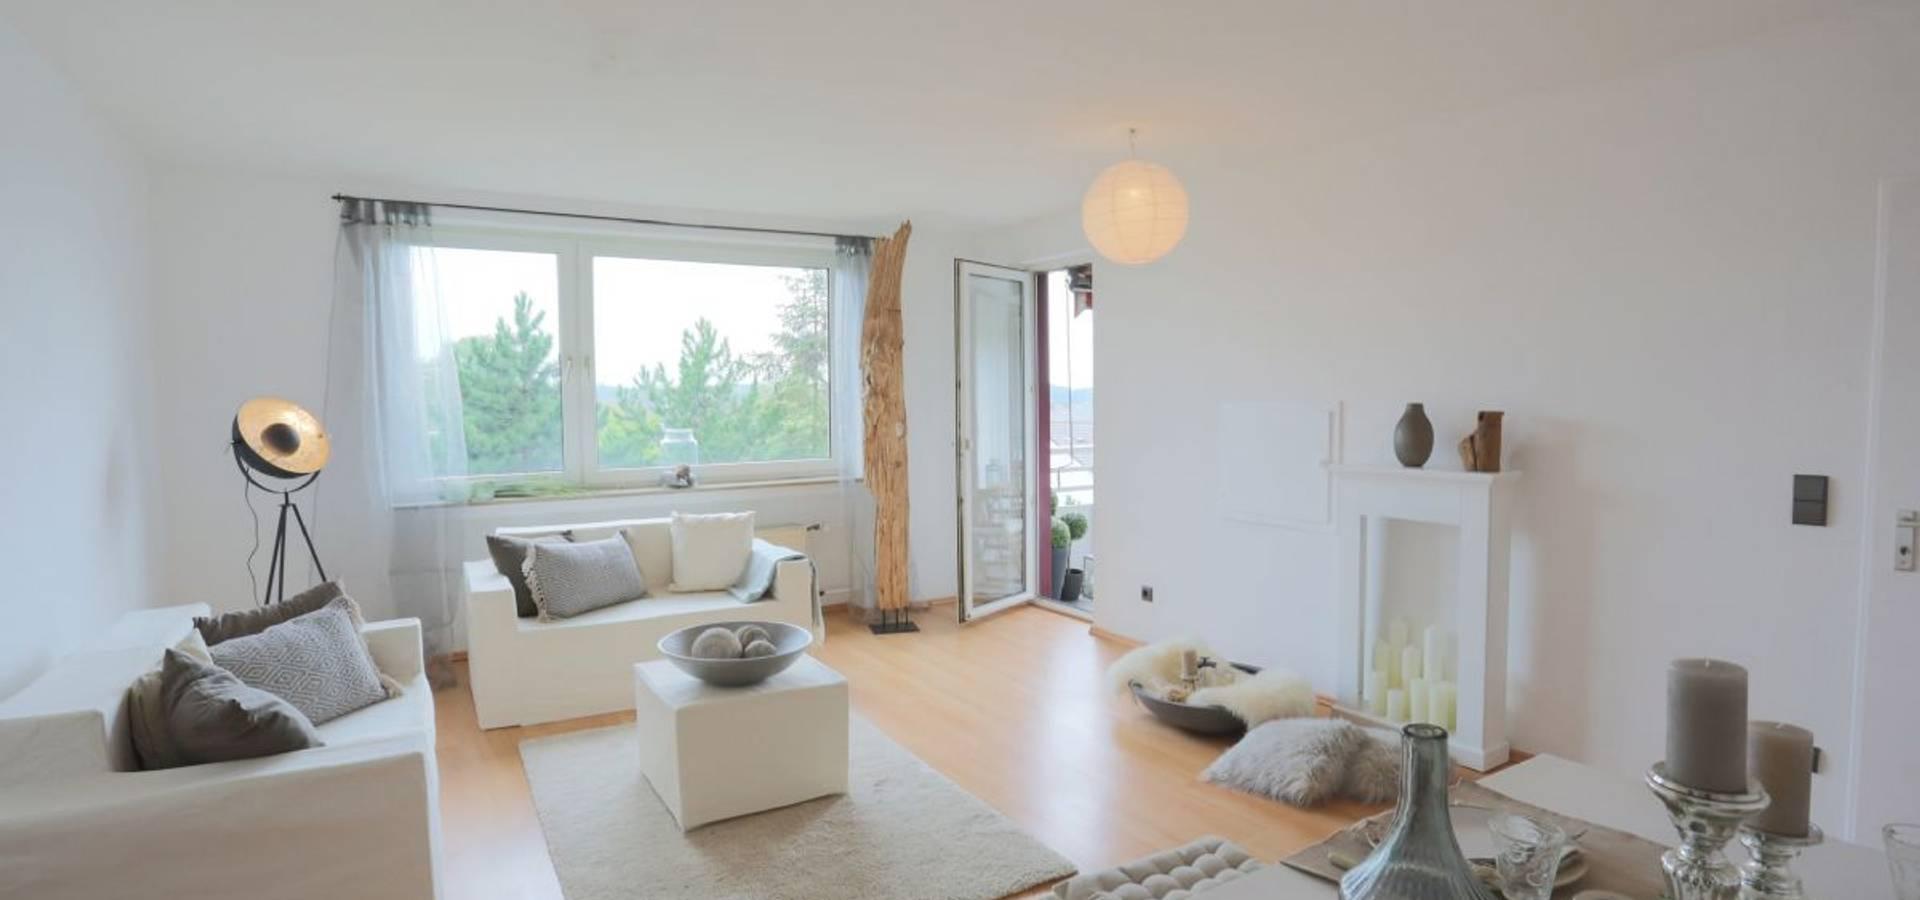 Home Staging Eigentumswohnung zum Verkauf von Leonard ...